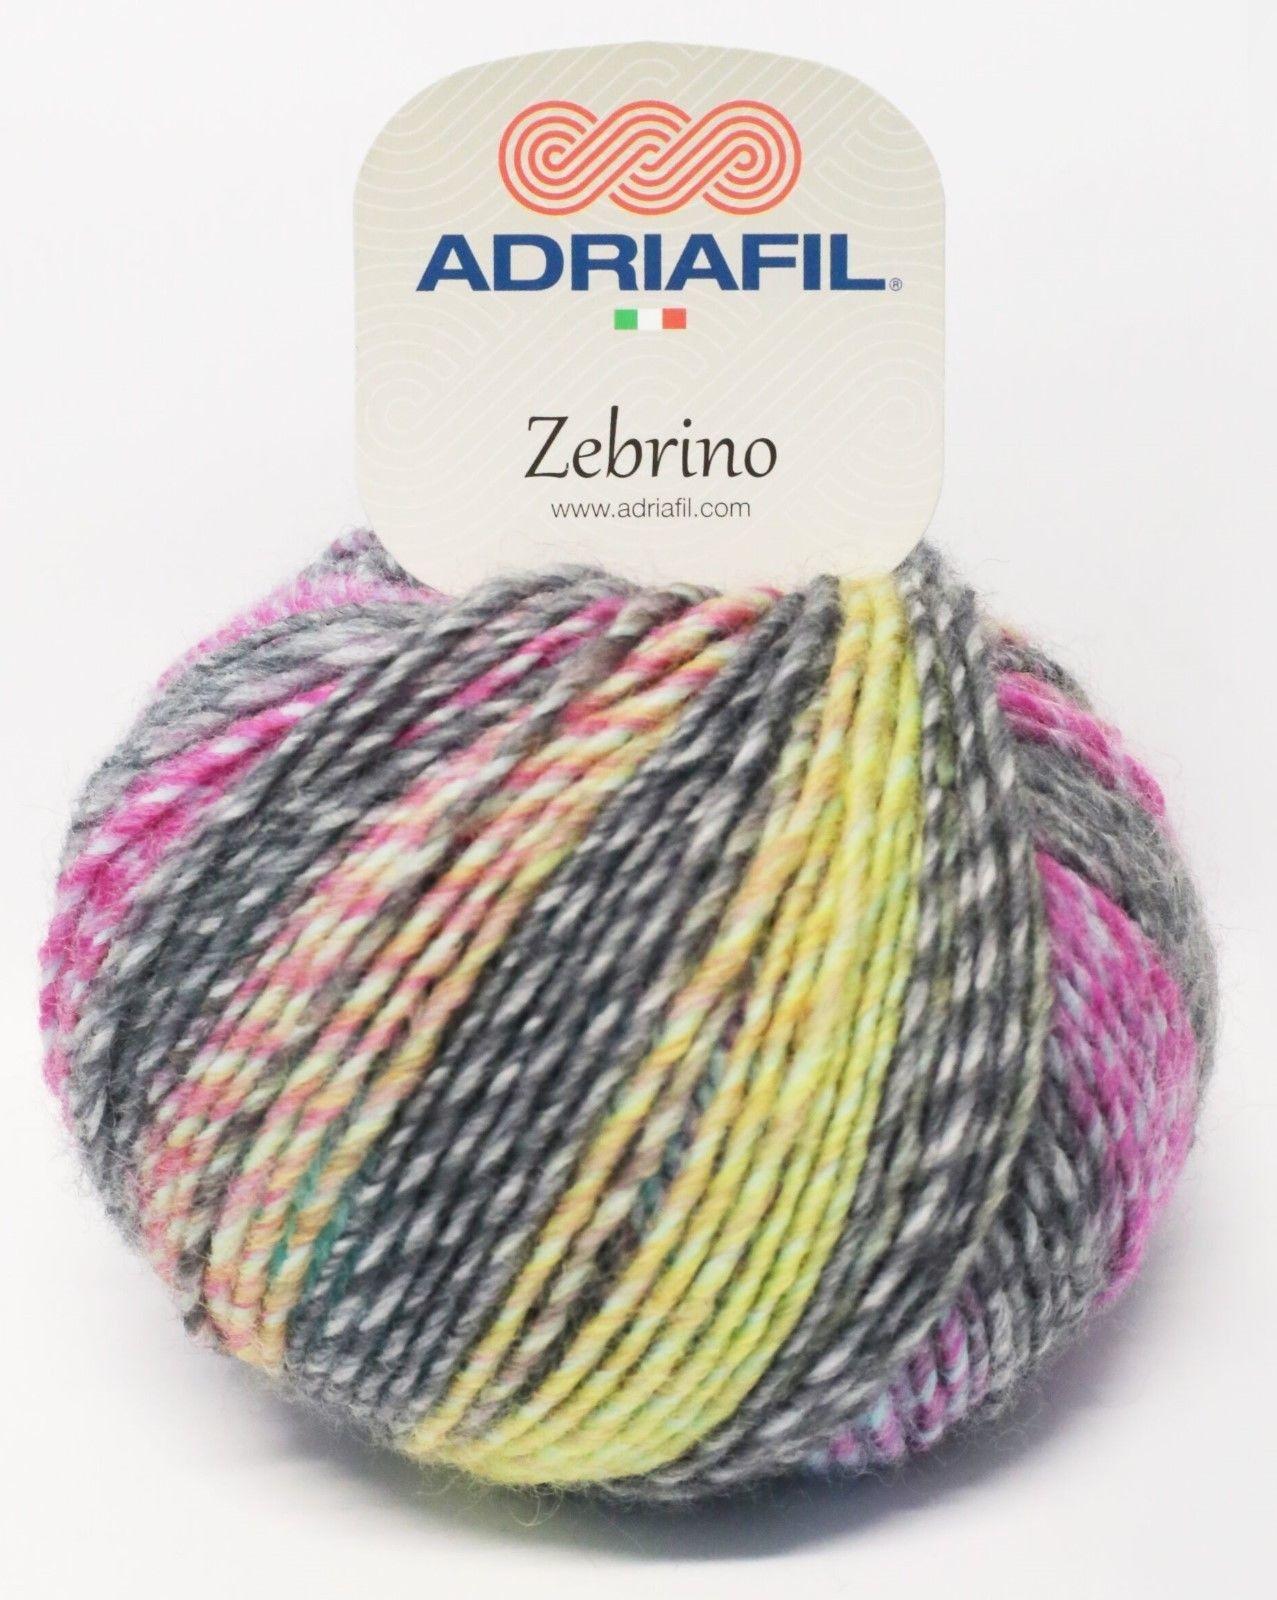 Adriafil Adriafil - Zebrino - 70 - Regenboog